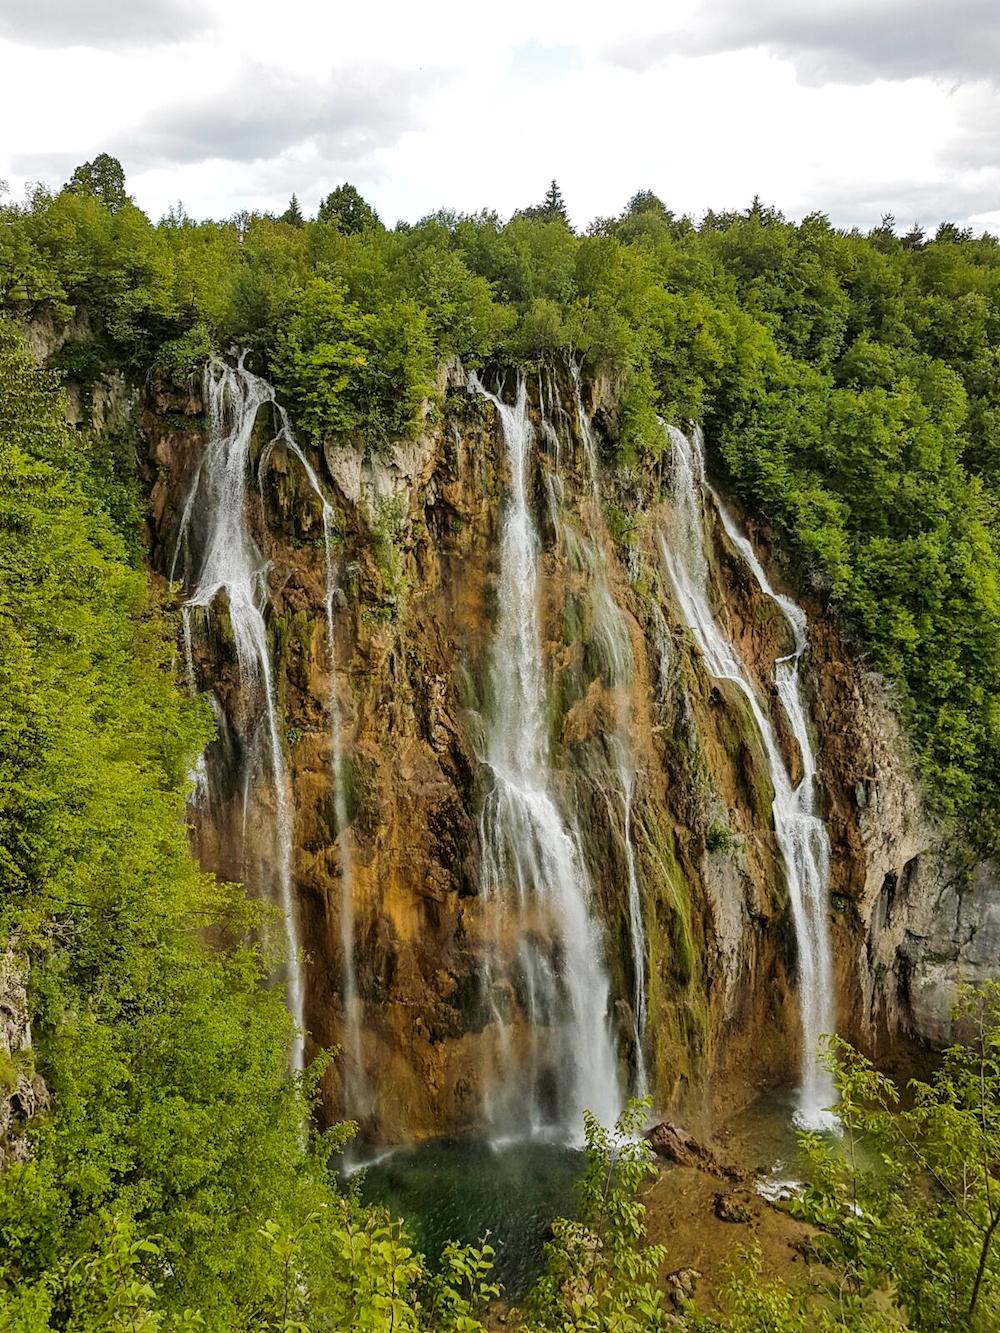 6 National Park Krka watervallen kroatie - bijzonderestreken.nl dfd